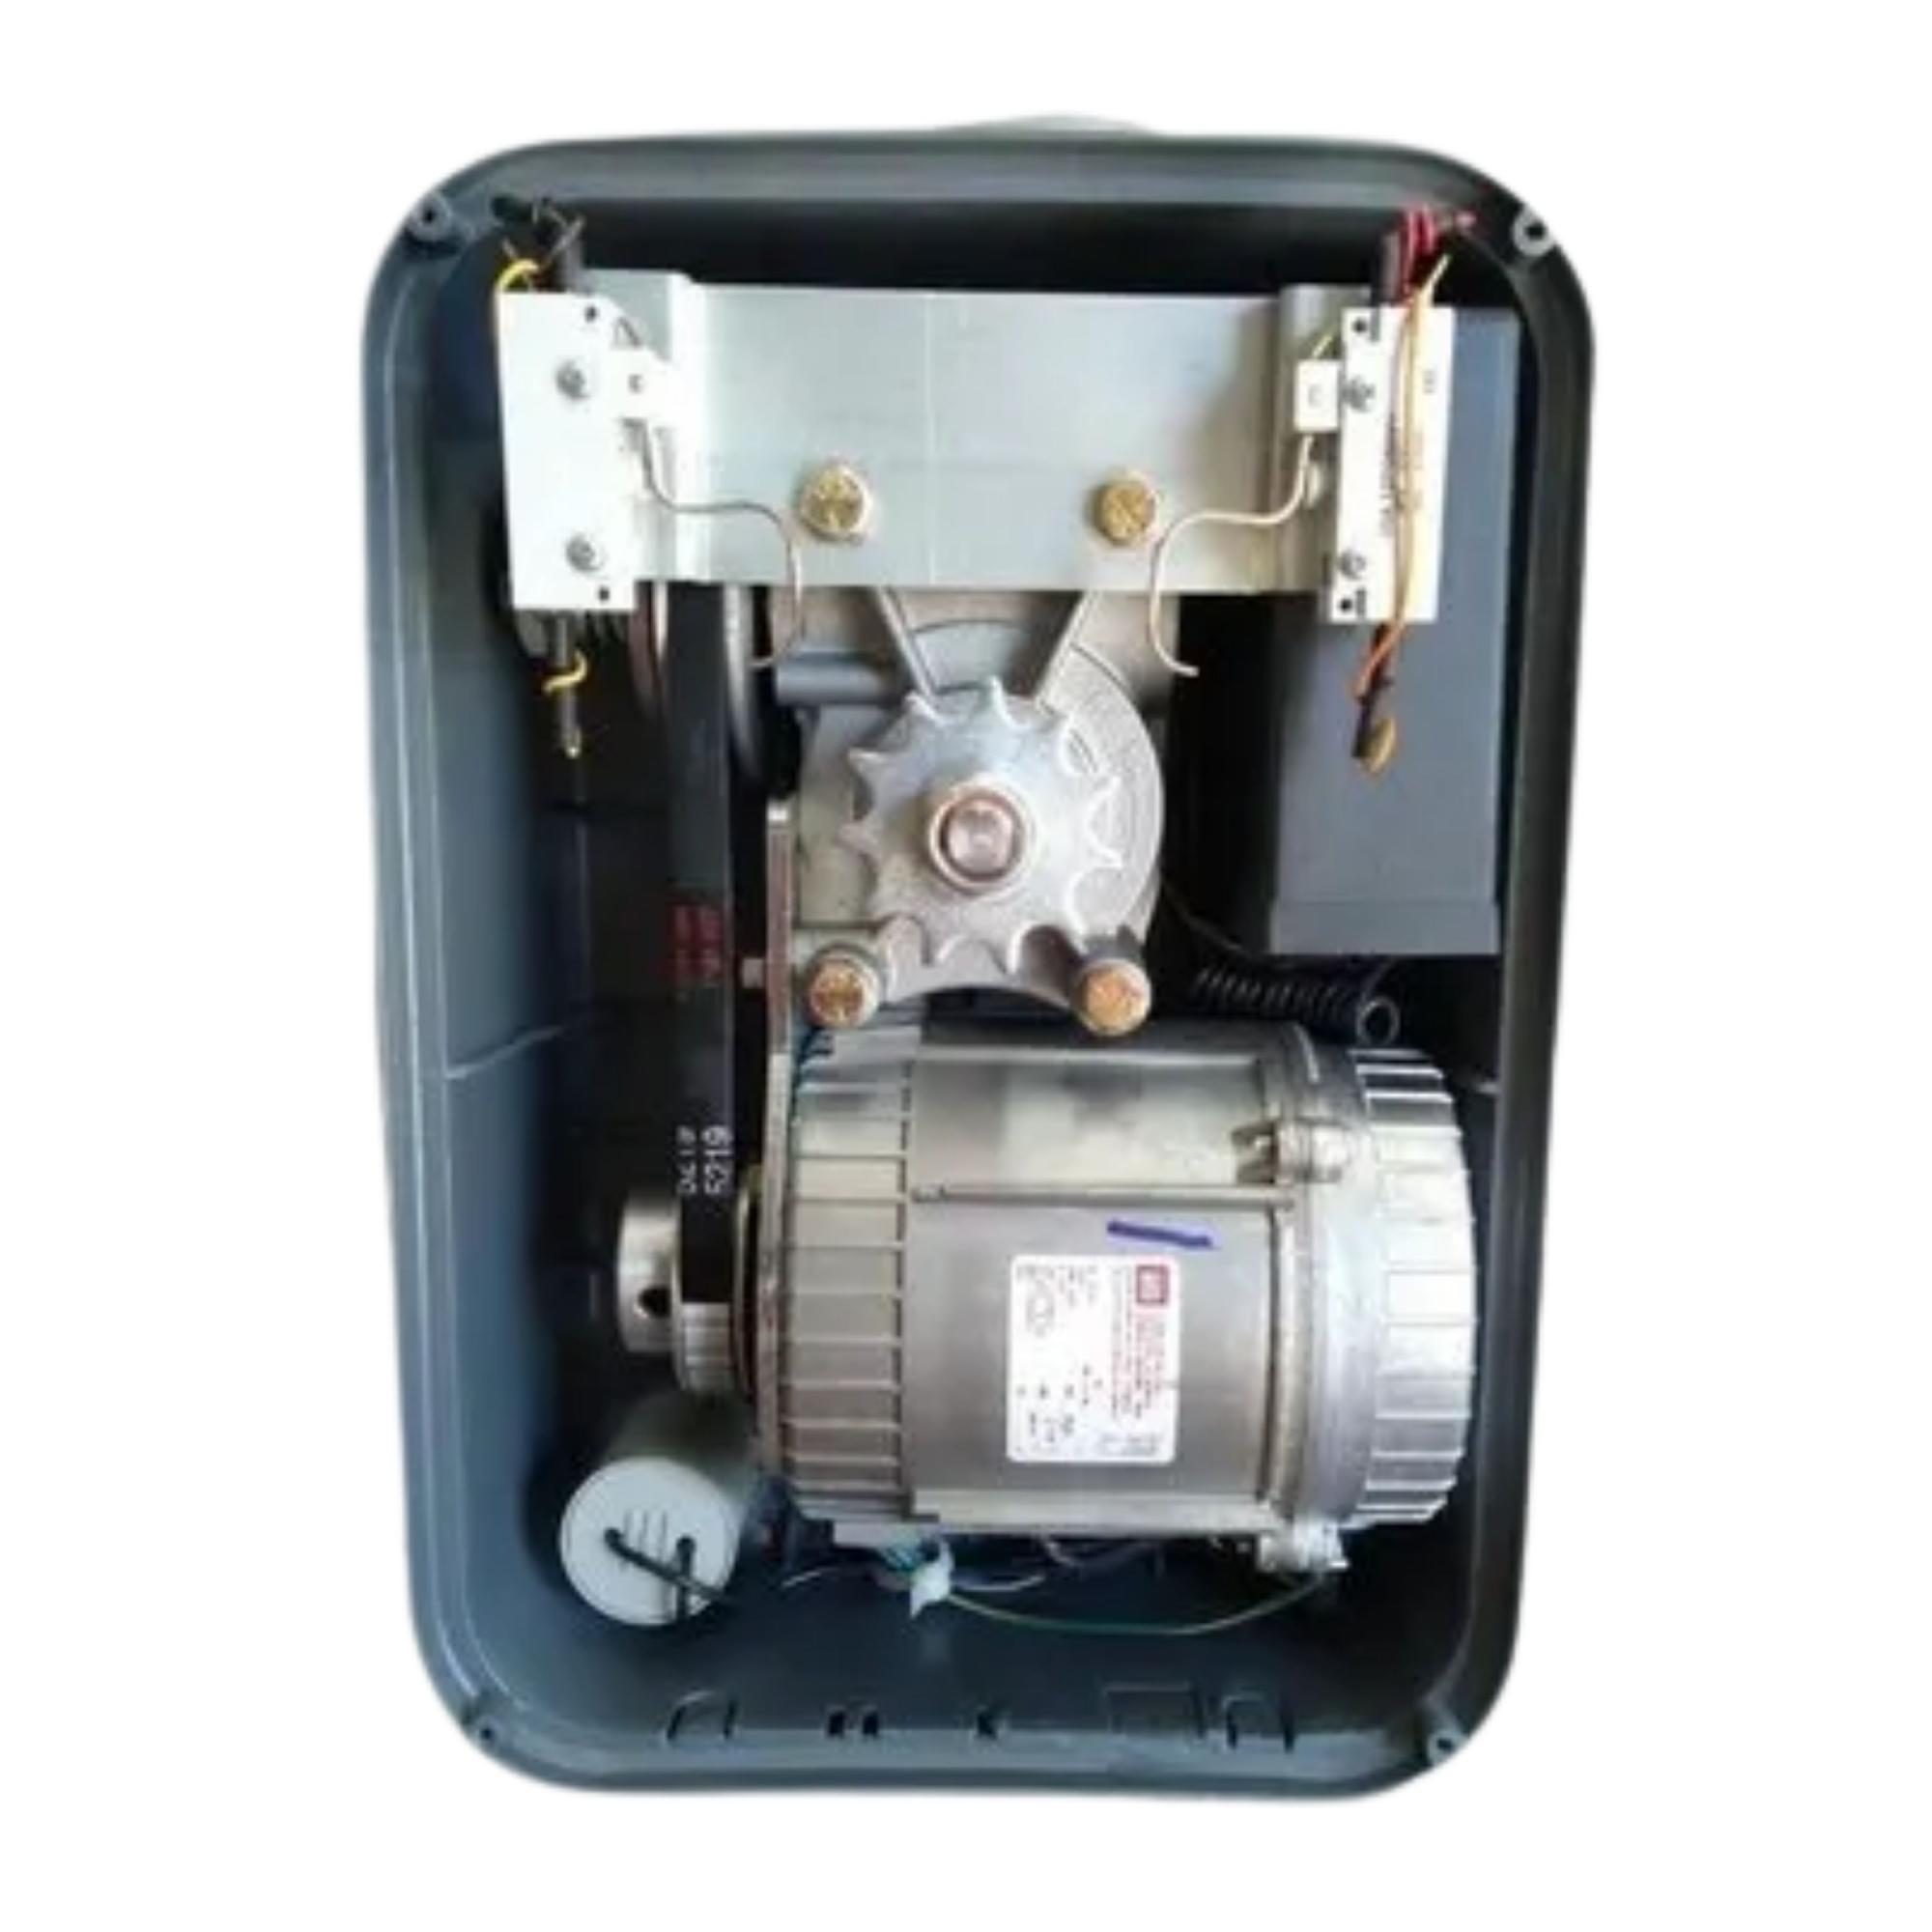 Motor Movimento BM12 1/3 CV com 2 Calhas 1,80 metros + Kit Tração e 2 Controles